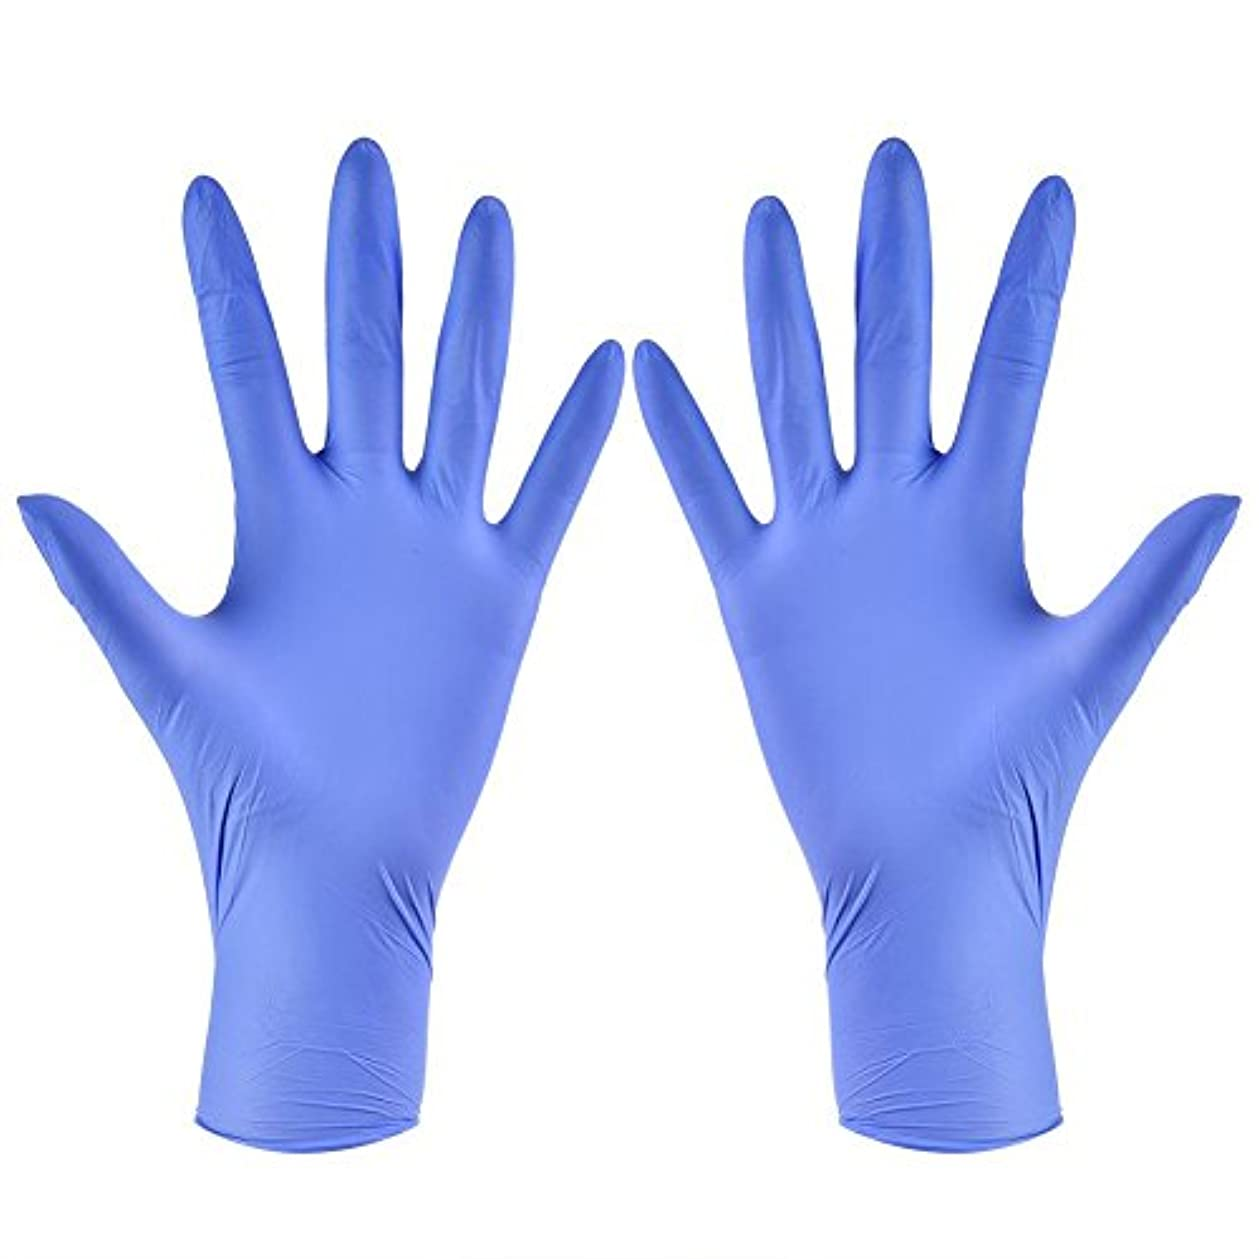 ジャズ寛解ストラップ使い捨て手袋 ニトリルグローブ ホワイト 粉なし タトゥー/歯科/病院/研究室に適応 S/M/L/XL選択可 100枚 左右兼用(XL)